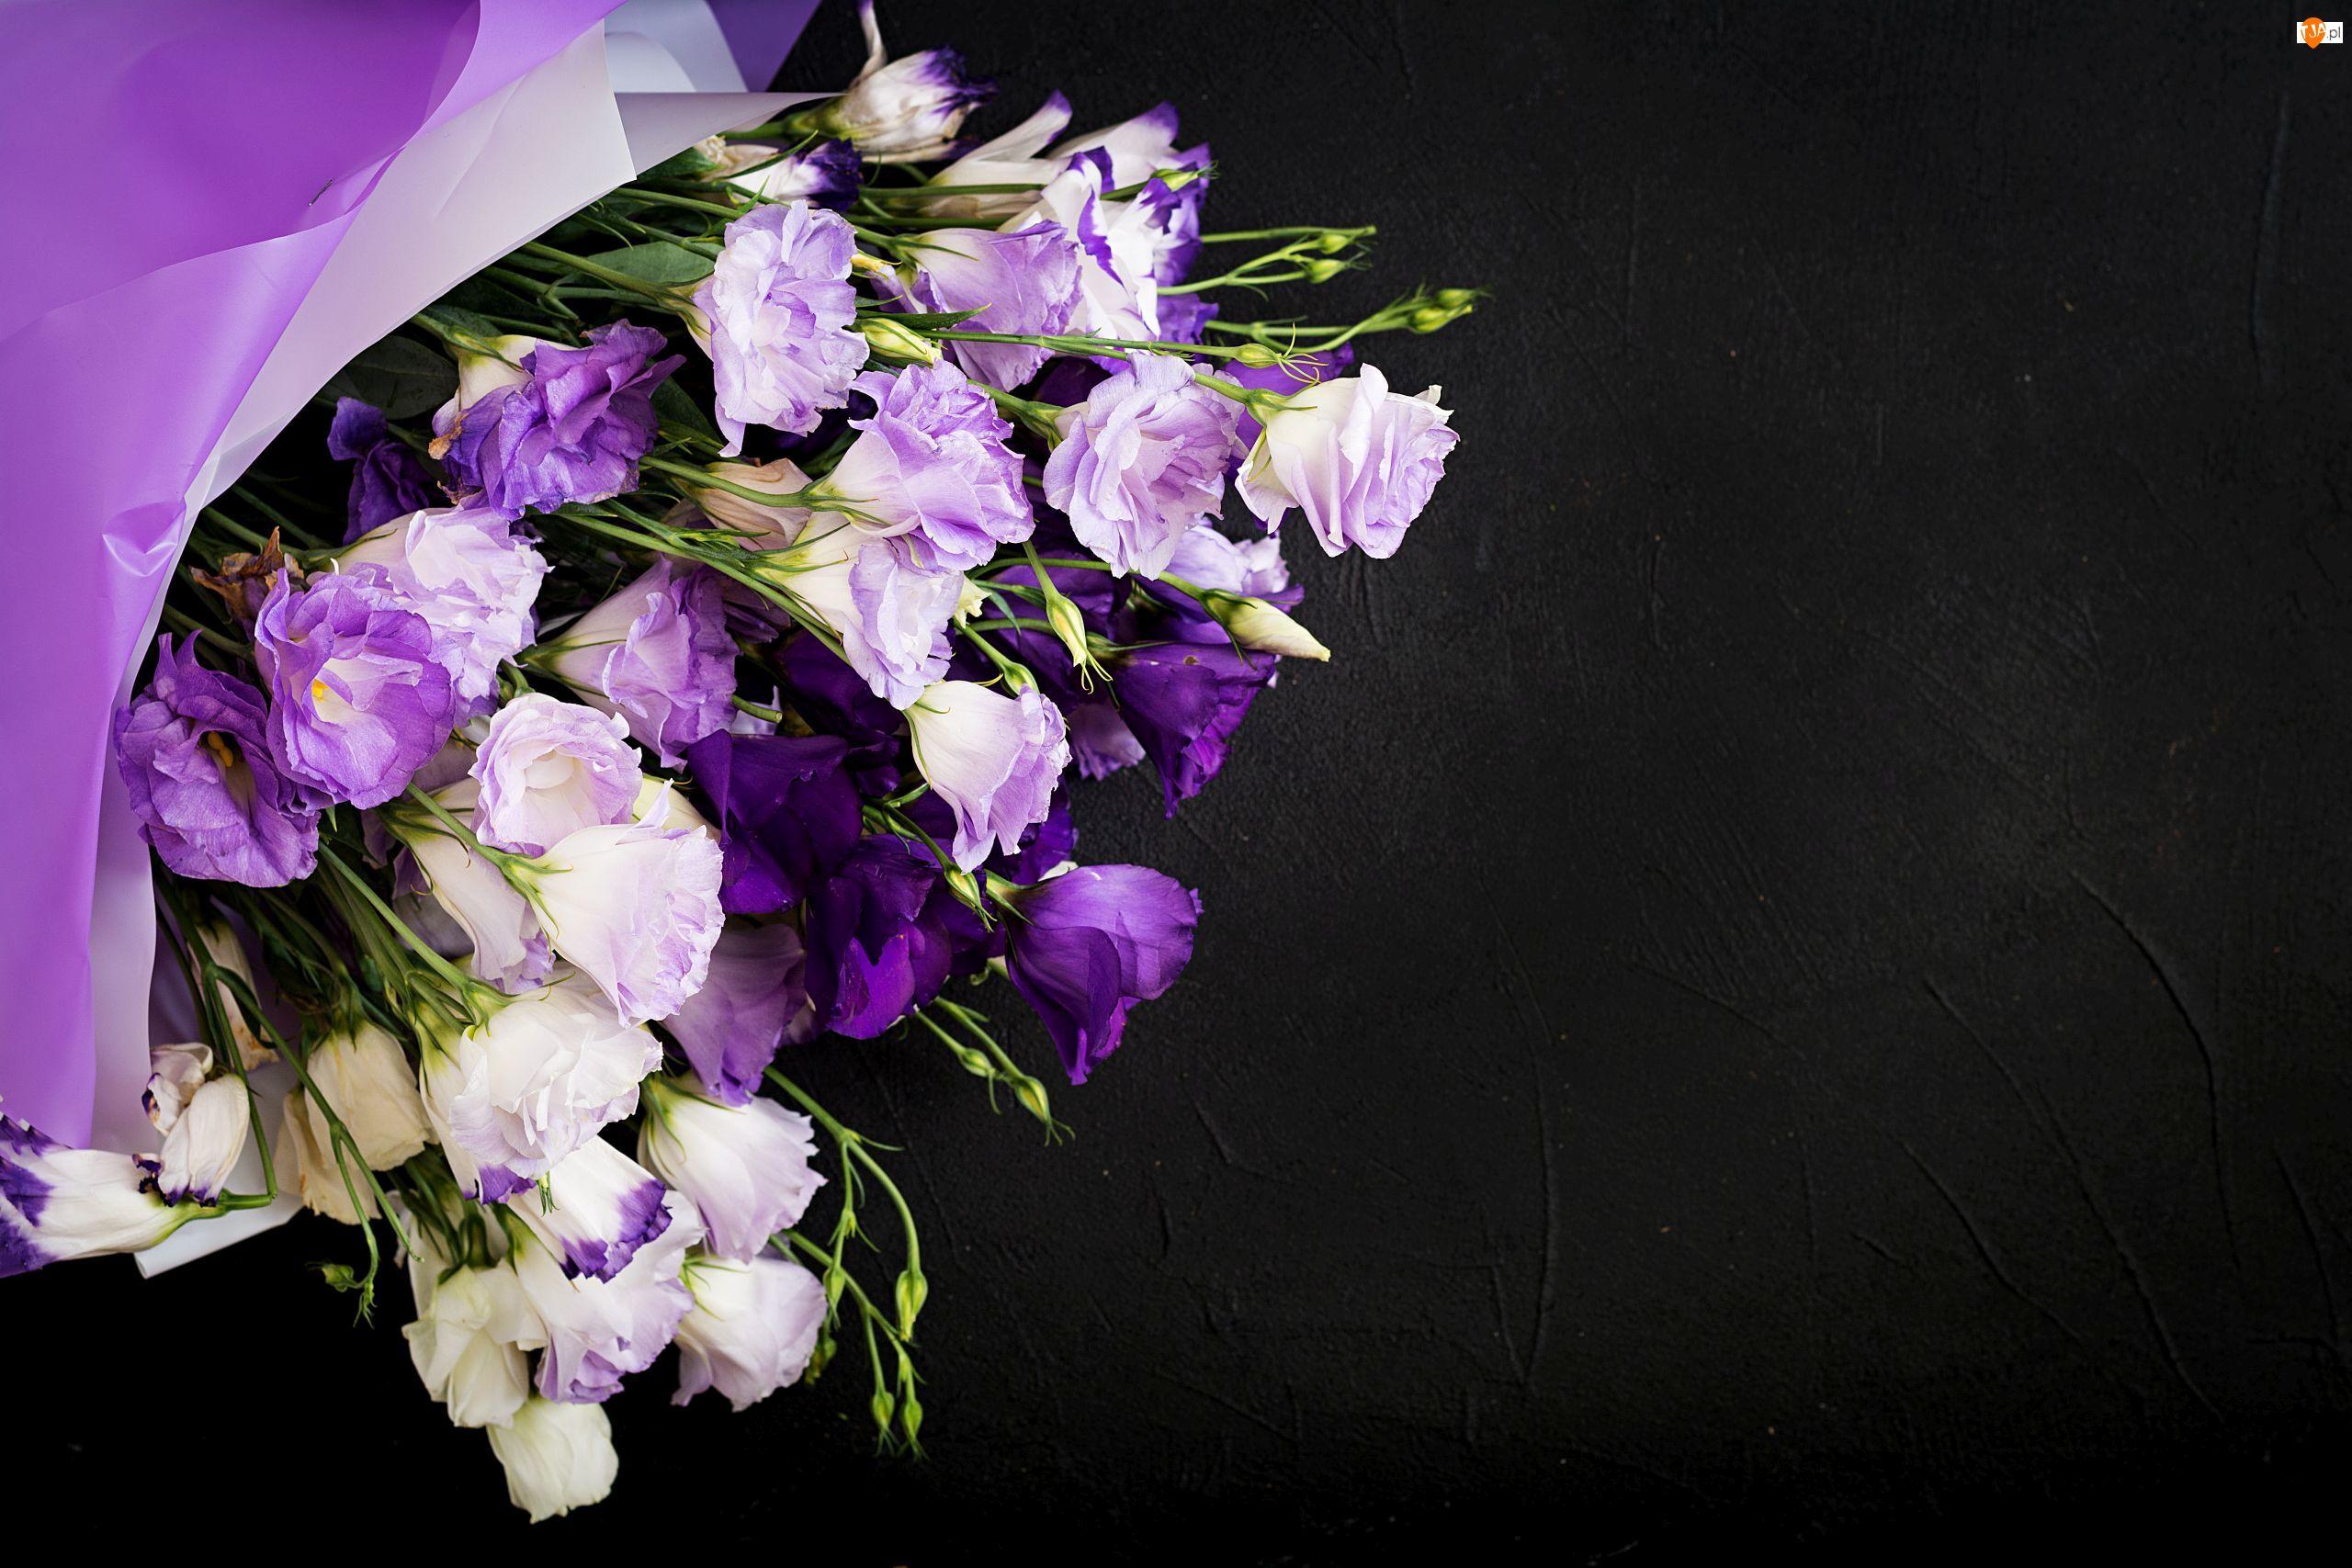 Eustoma, Tło, Kwiaty, Fioletowo-białe, Czarne